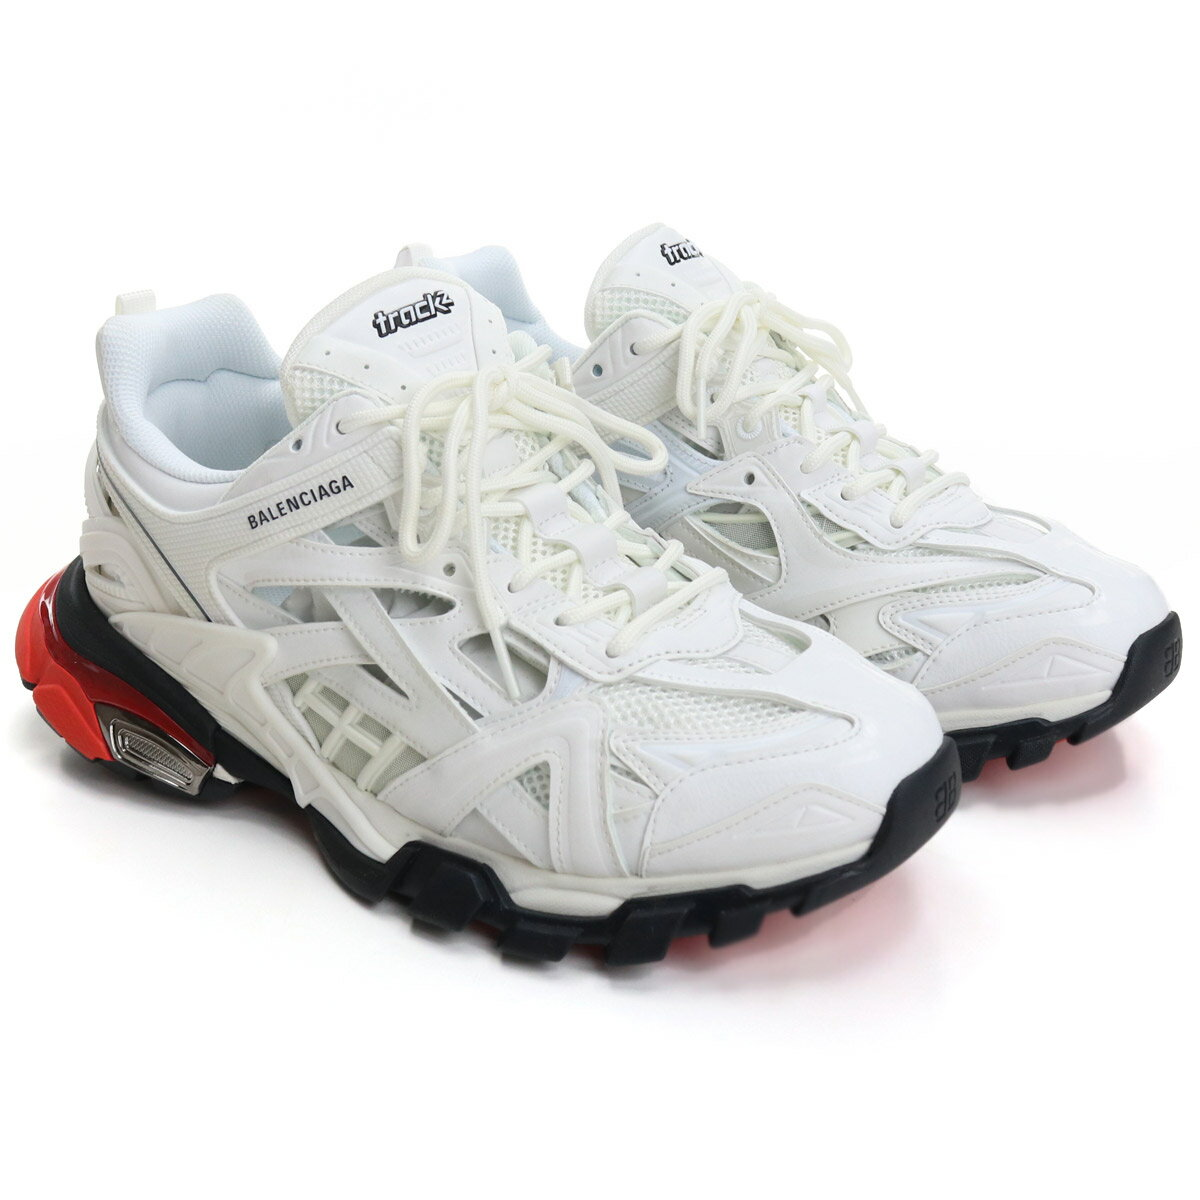 メンズ靴, スニーカー  BALENCIAGA 2 568614 W2GN3 9610 bos-09 shoes-01 OLS-6